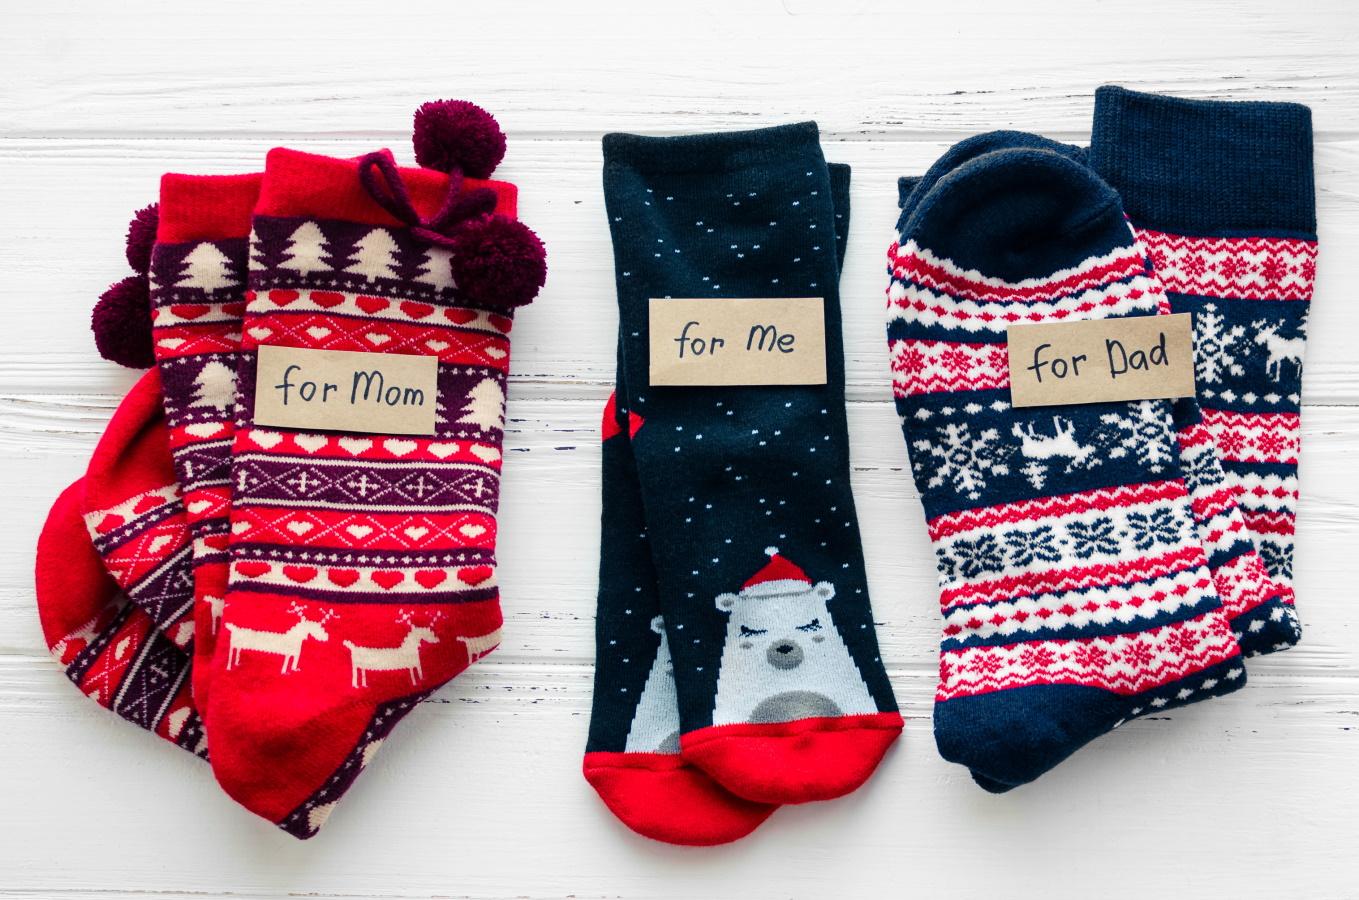 <p>Коледни чорапки</p>  <p>Няма нищо по-приятно от коледен дух по Коледа. Чорапите с коледни мотиви определено допринасят за това, а като допълнение се грижат да ни е топло у дома. А какво по-хубаво от чифт коледни чорапи и за вас.</p>